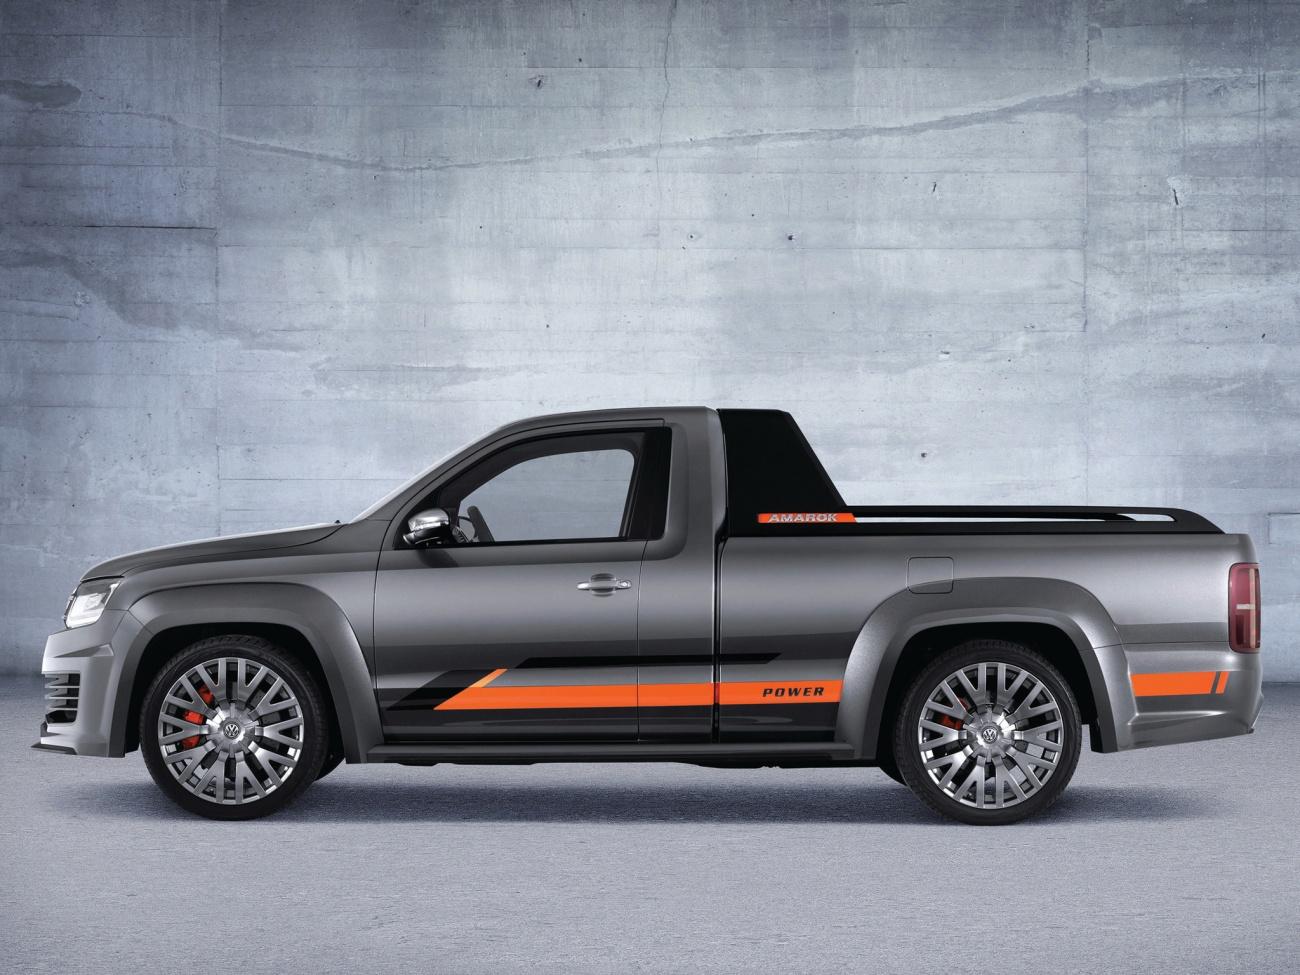 Volkswagen Amarok Power Concept Des Watts Pour La